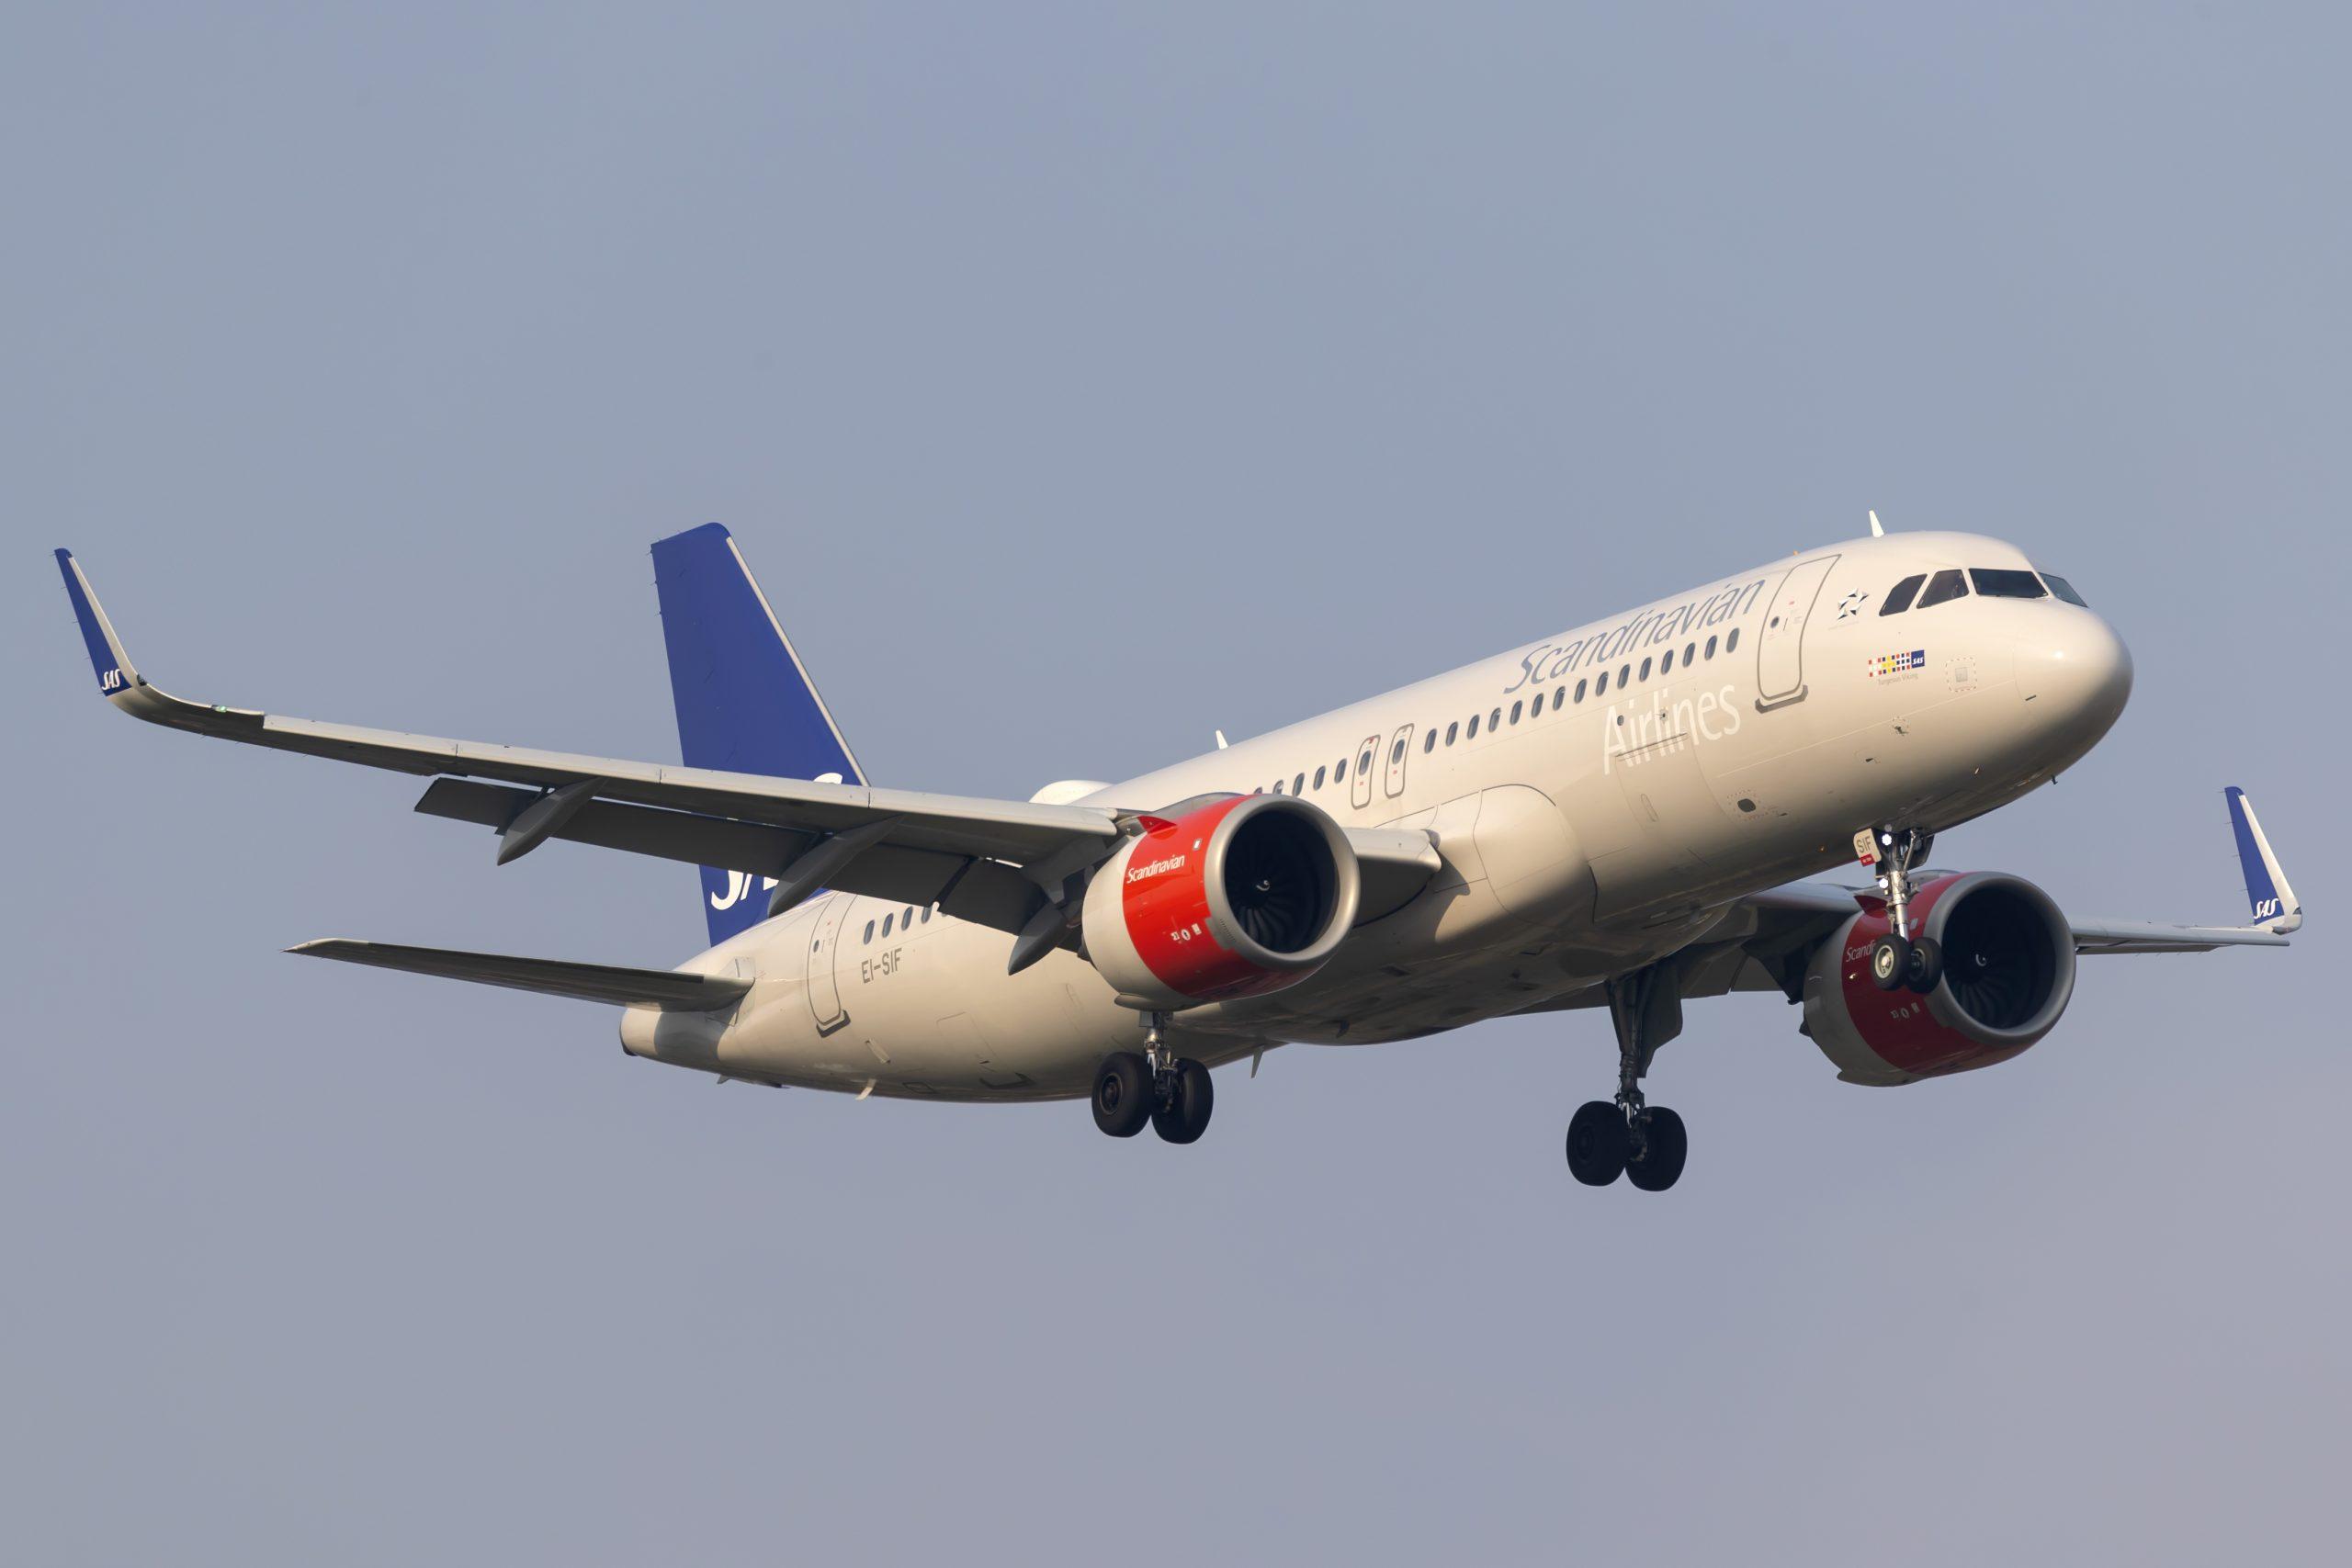 SAS har åbnet ny rute mellem København og Kreta, en strækning for eksempel danske charterselskaber ikke flyver på grund af de nuværende rejsevejledninger. Arkivfoto: © Thorbjørn Brunander Sund, Danish Aviation Photo.